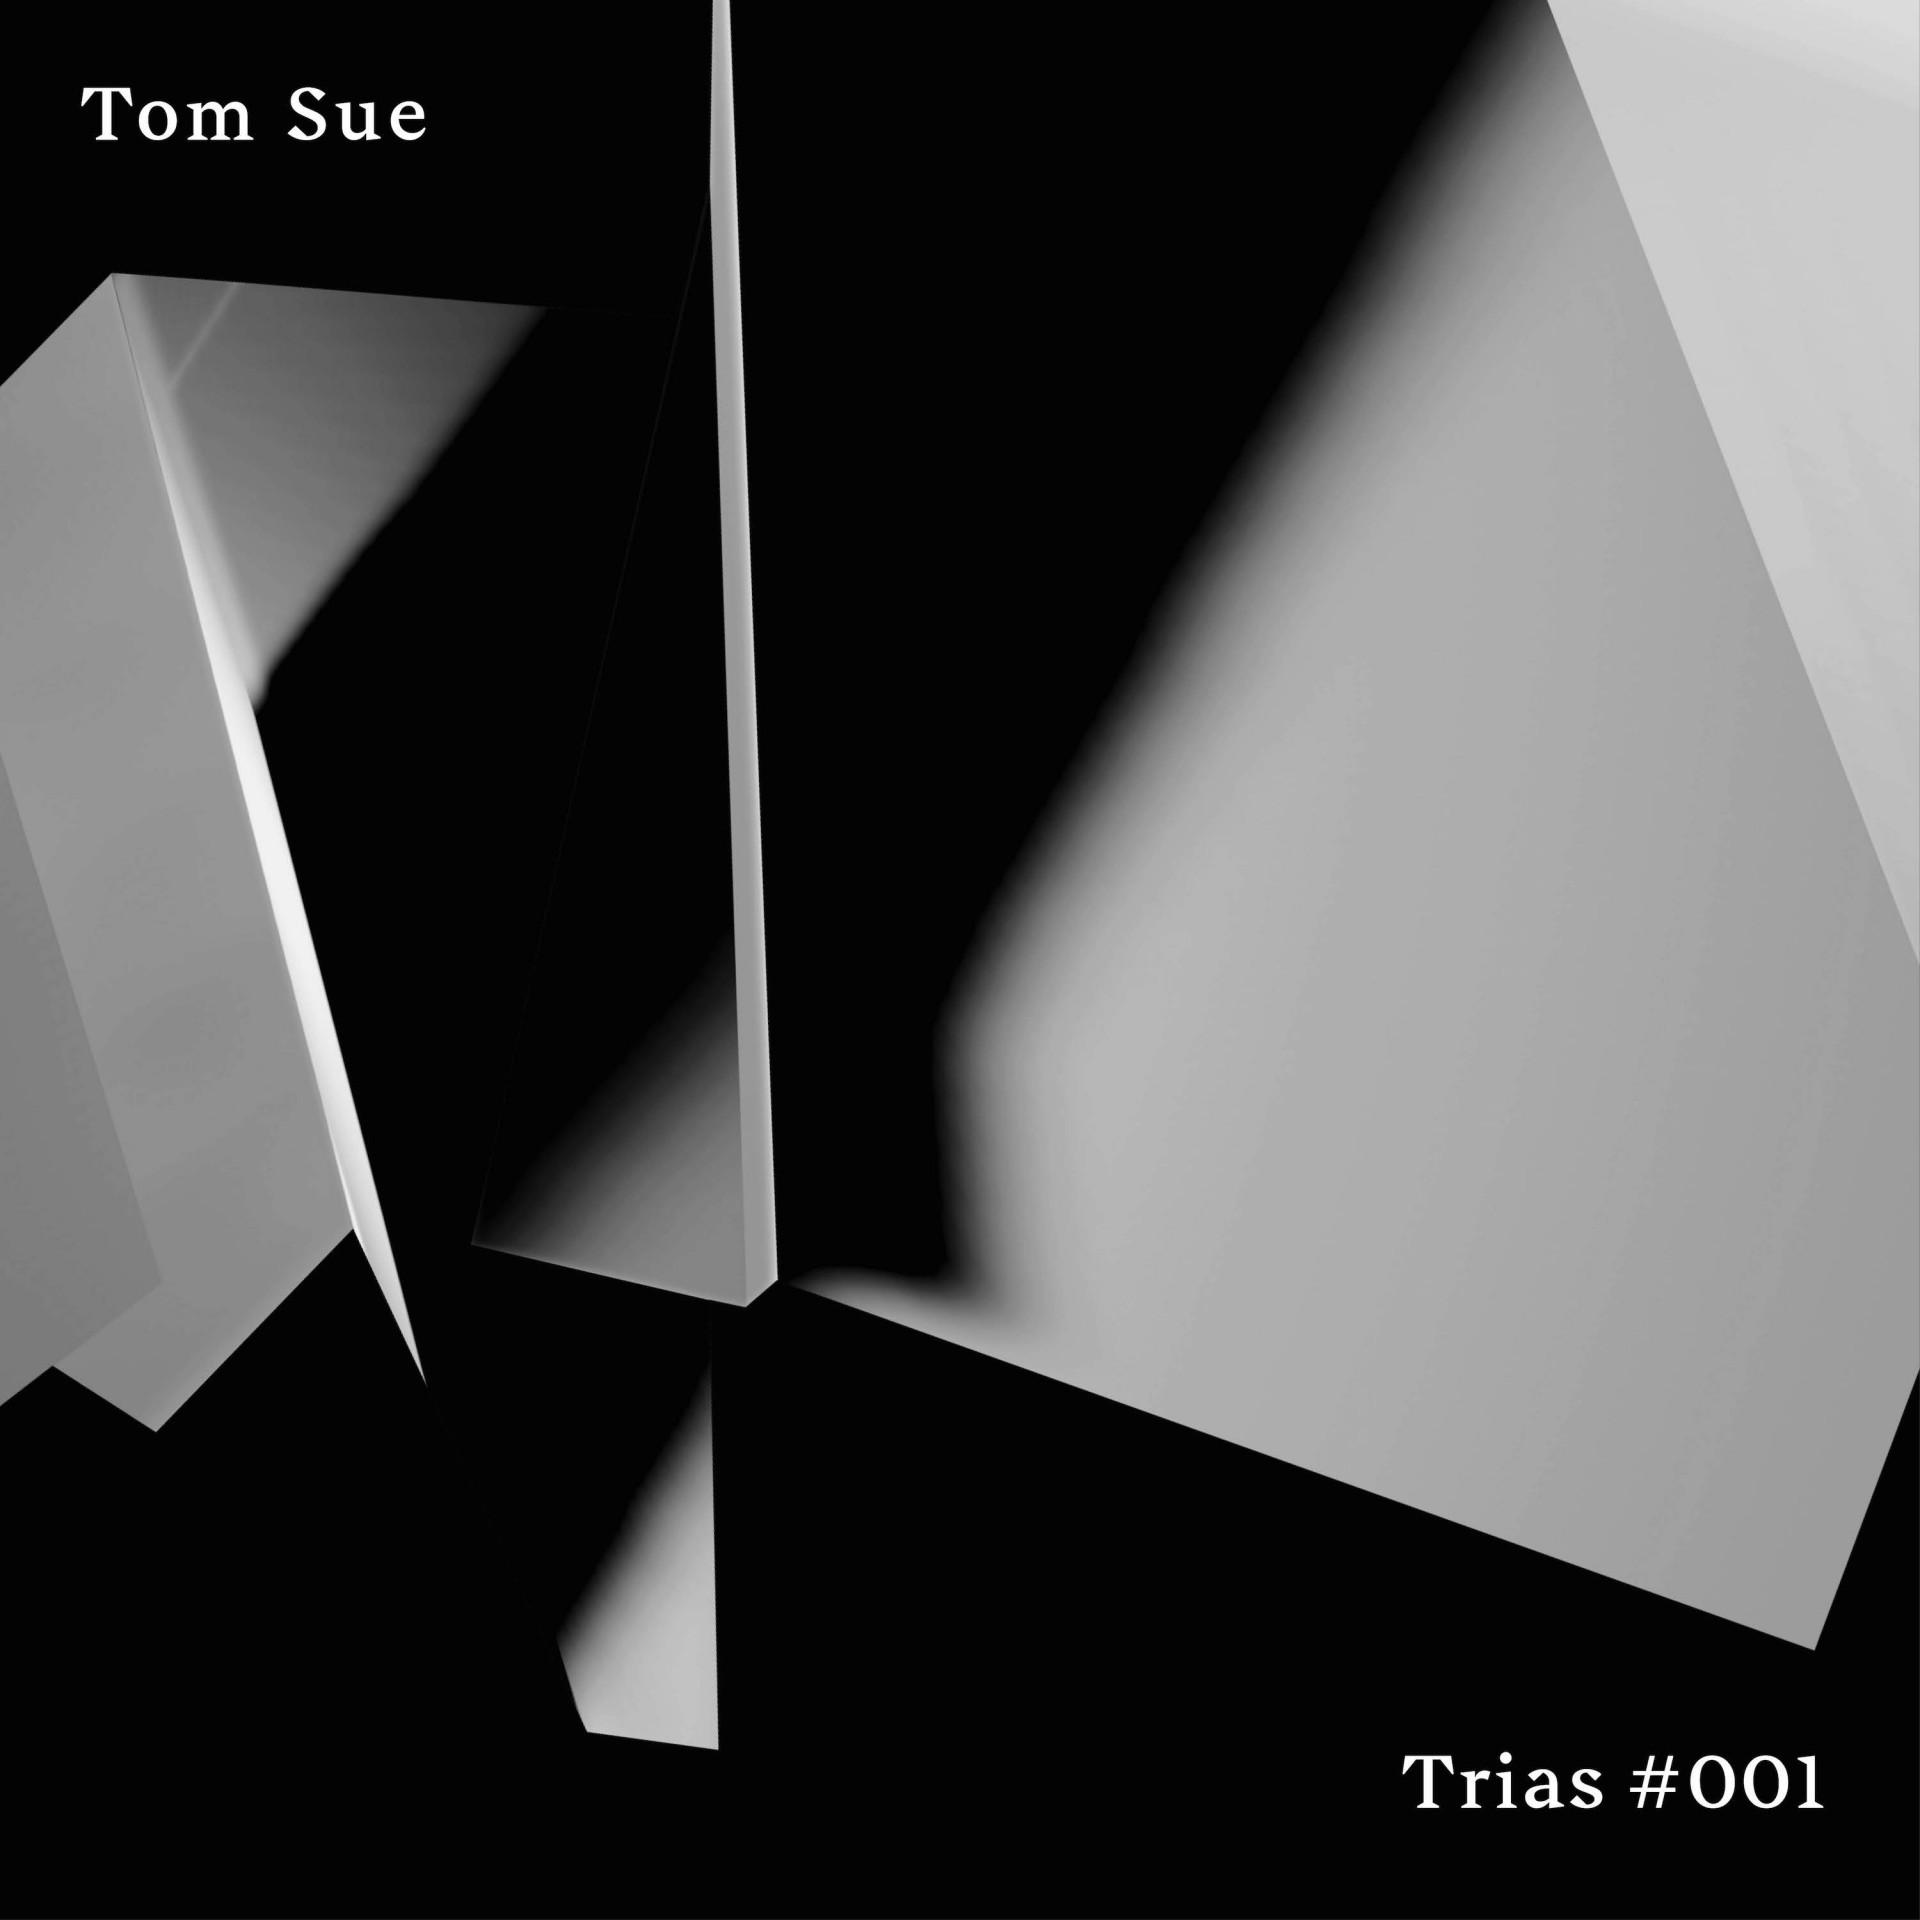 Trias Records #001